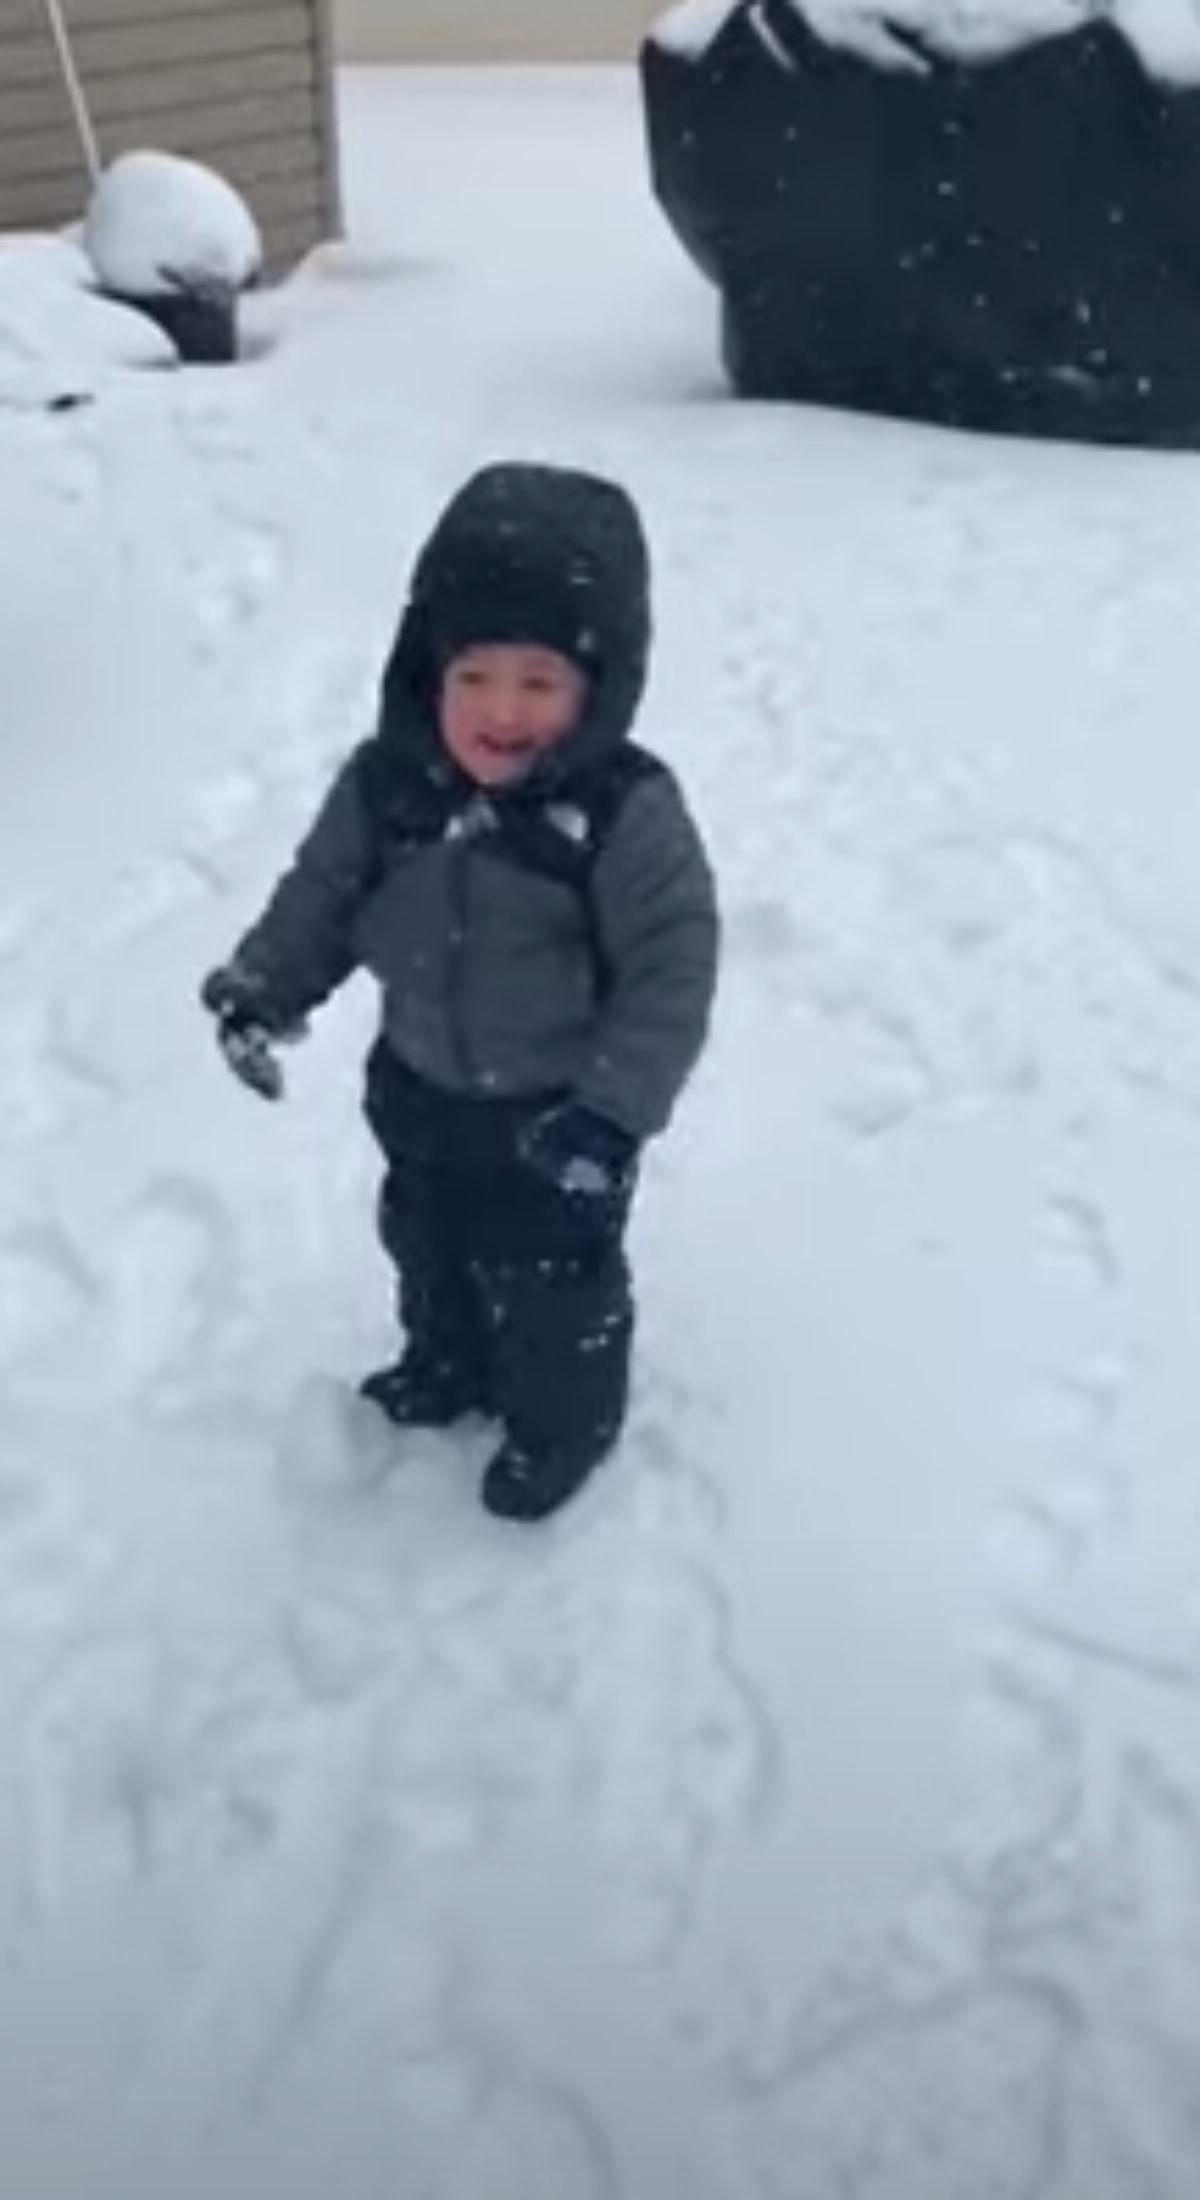 かわいい笑顔に注目!雪玉にぶつかるたび笑う男の子に癒される!